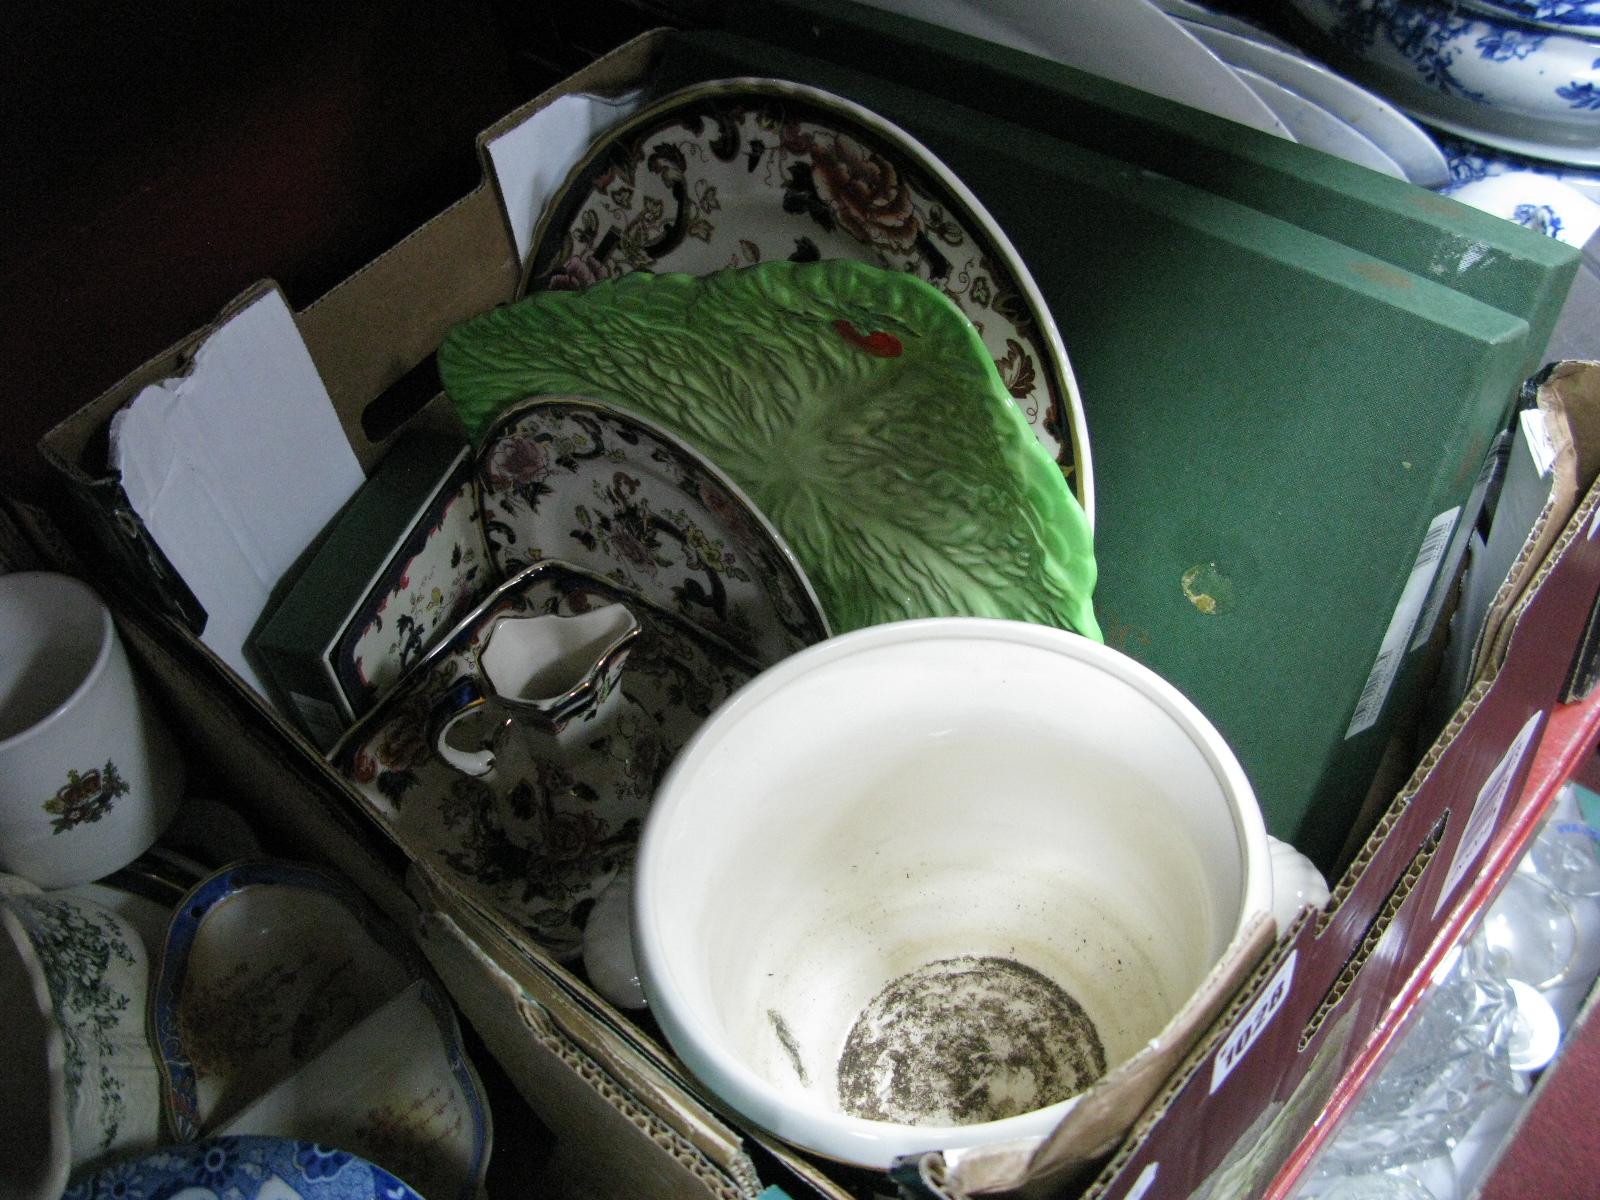 Lot 1028 - Masons Mandalay Plate, jardiniere, bowl, coaster, place mats, etc:- One Box